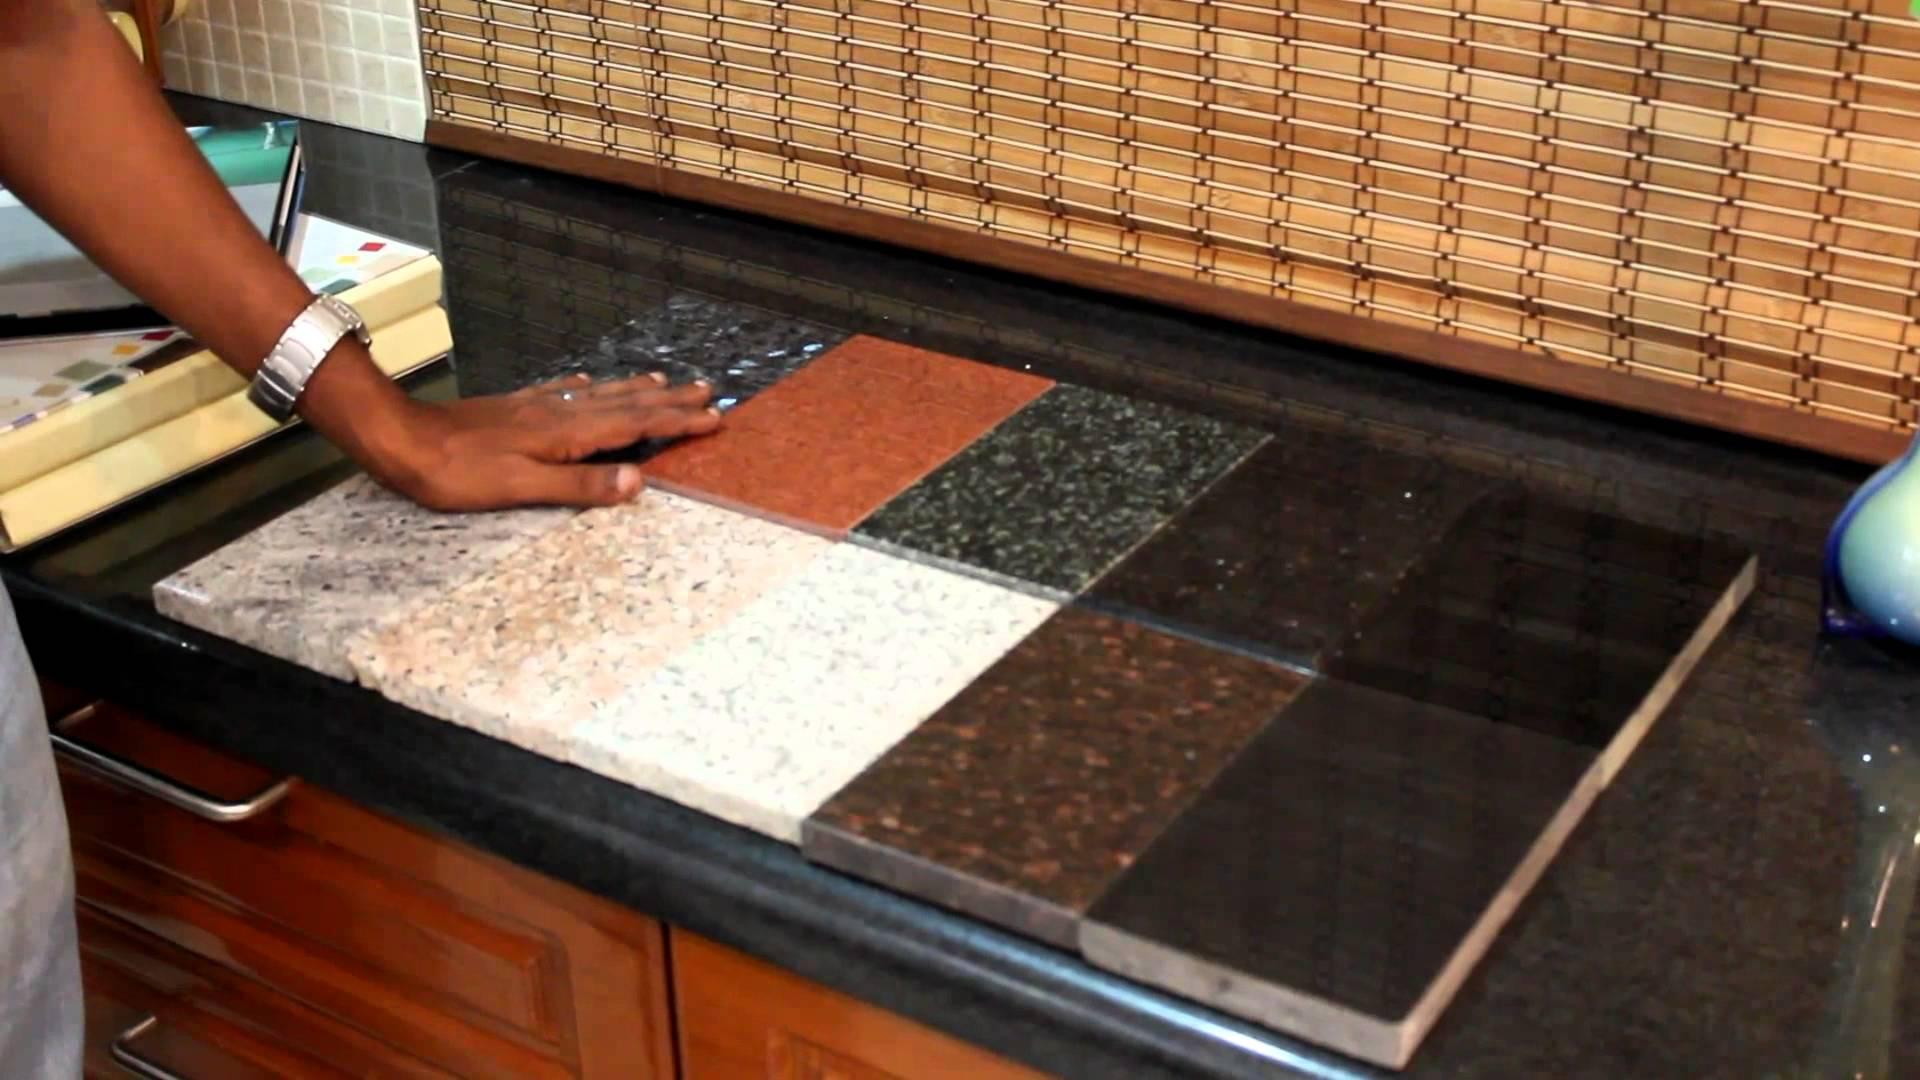 How to Install Kitchen Platform (Ota) Properly? - Happho